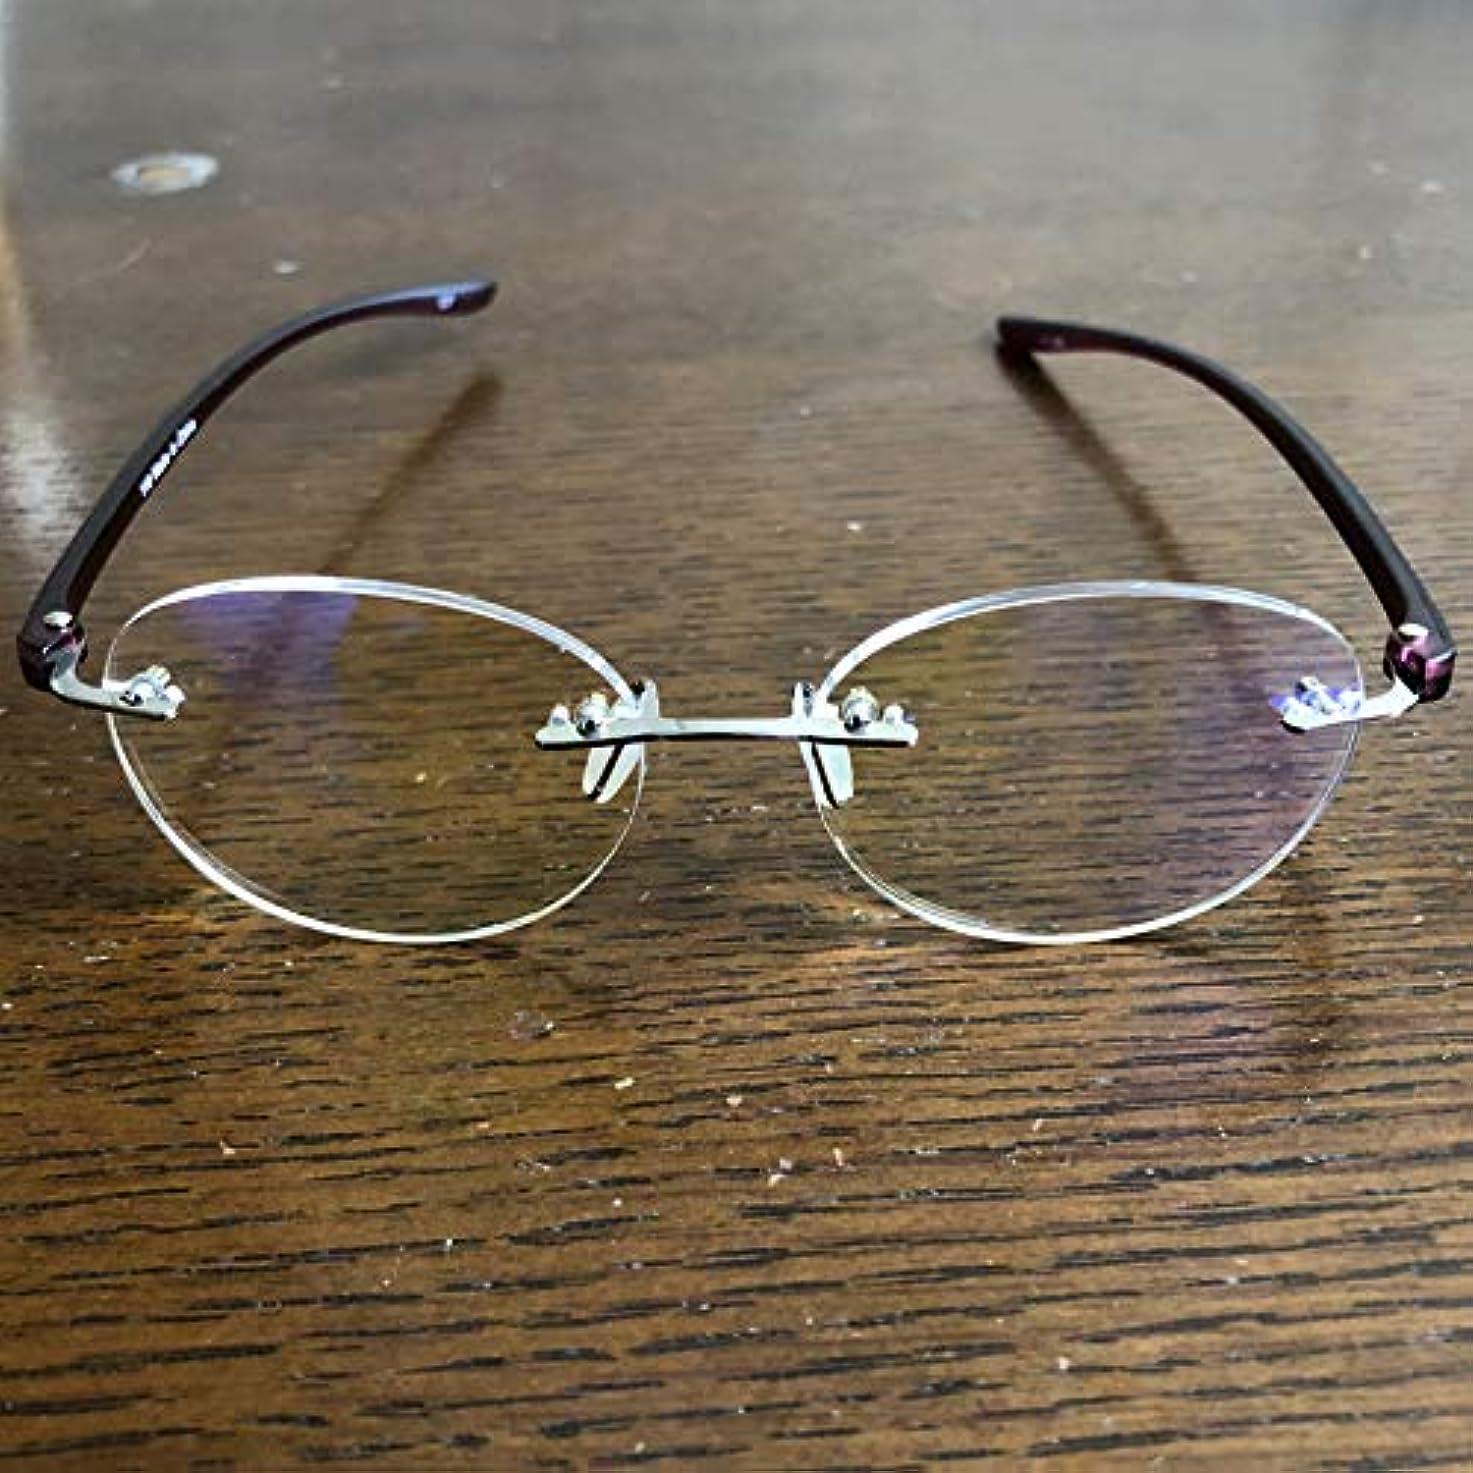 クリスチャン骨髄紫の老眼鏡 シニアグラス Two Point ブルーライトカット 118 全2色 リーディンググラス 男性用 女性用 ブルーライトカット35%(パープル,1.5)